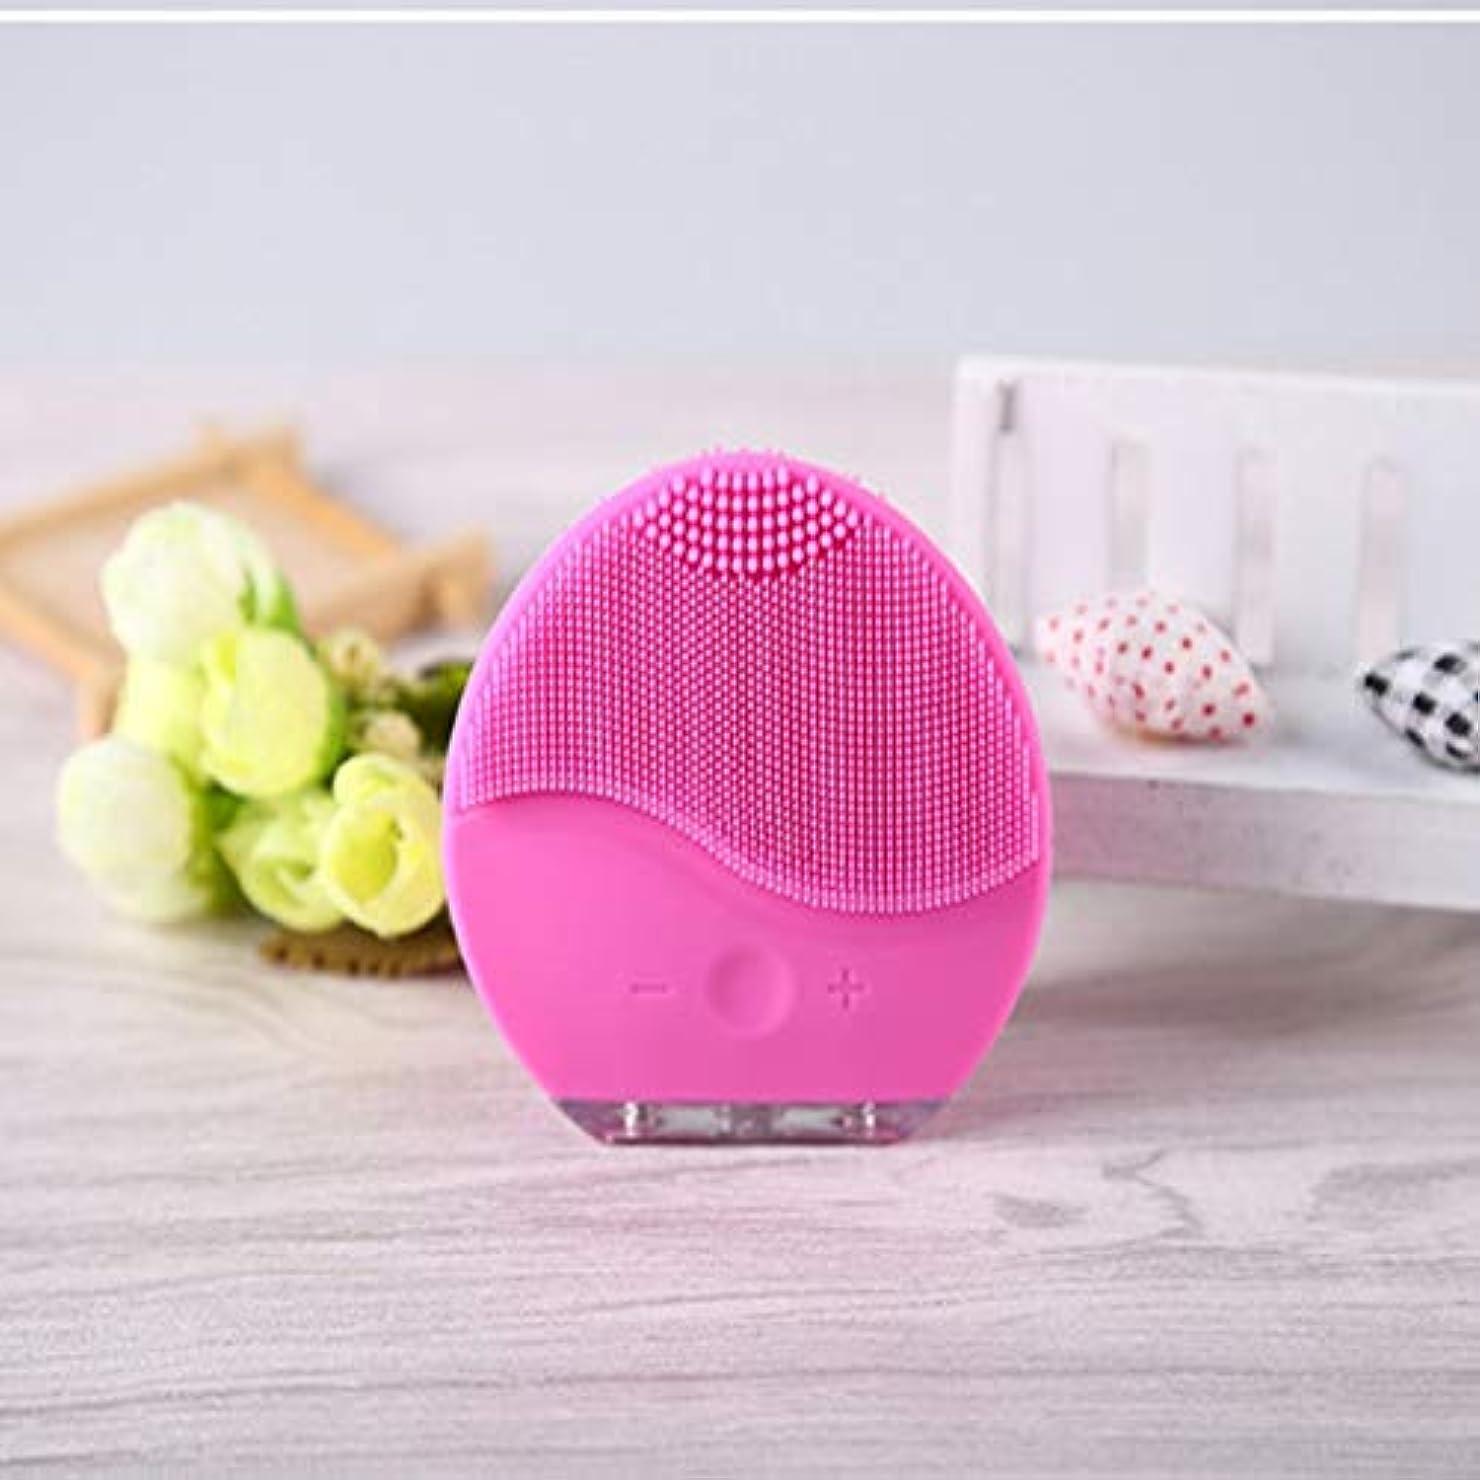 シリコーンフェイシャルクレンザー、フェイシャルクレンジングブラシ防水シリコーンフェイスマッサージャーアンチエイジングスキンクレンジングシステムすべての肌タイプのためのフェイシャルポリッシュとスクラブ (Color : Pink)